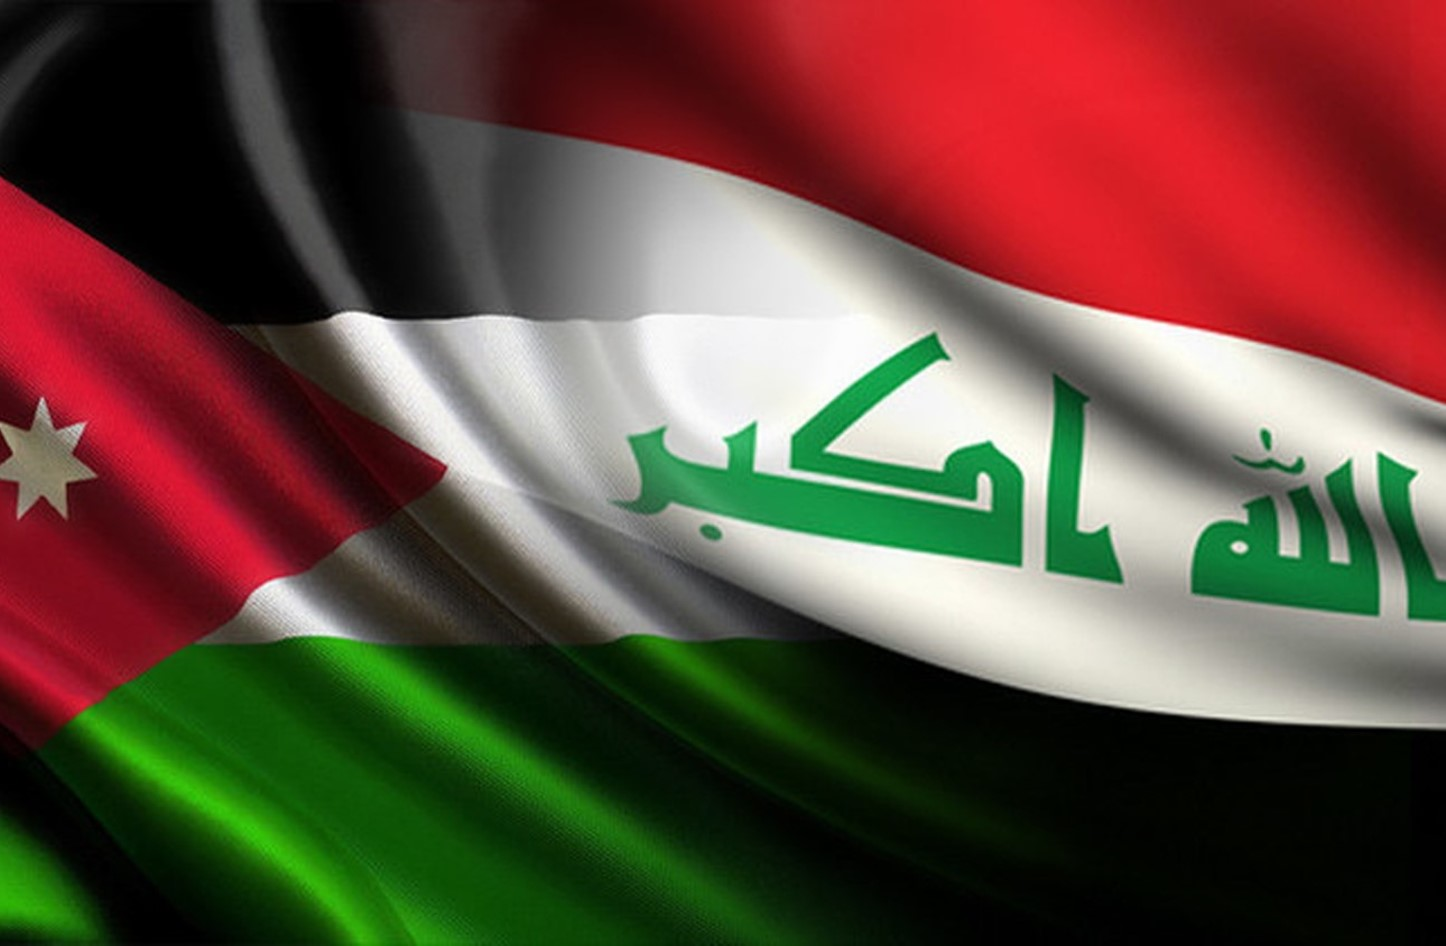 مباحثات عراقية أردنية لإنشاء مدينة اقتصادية مشتركة